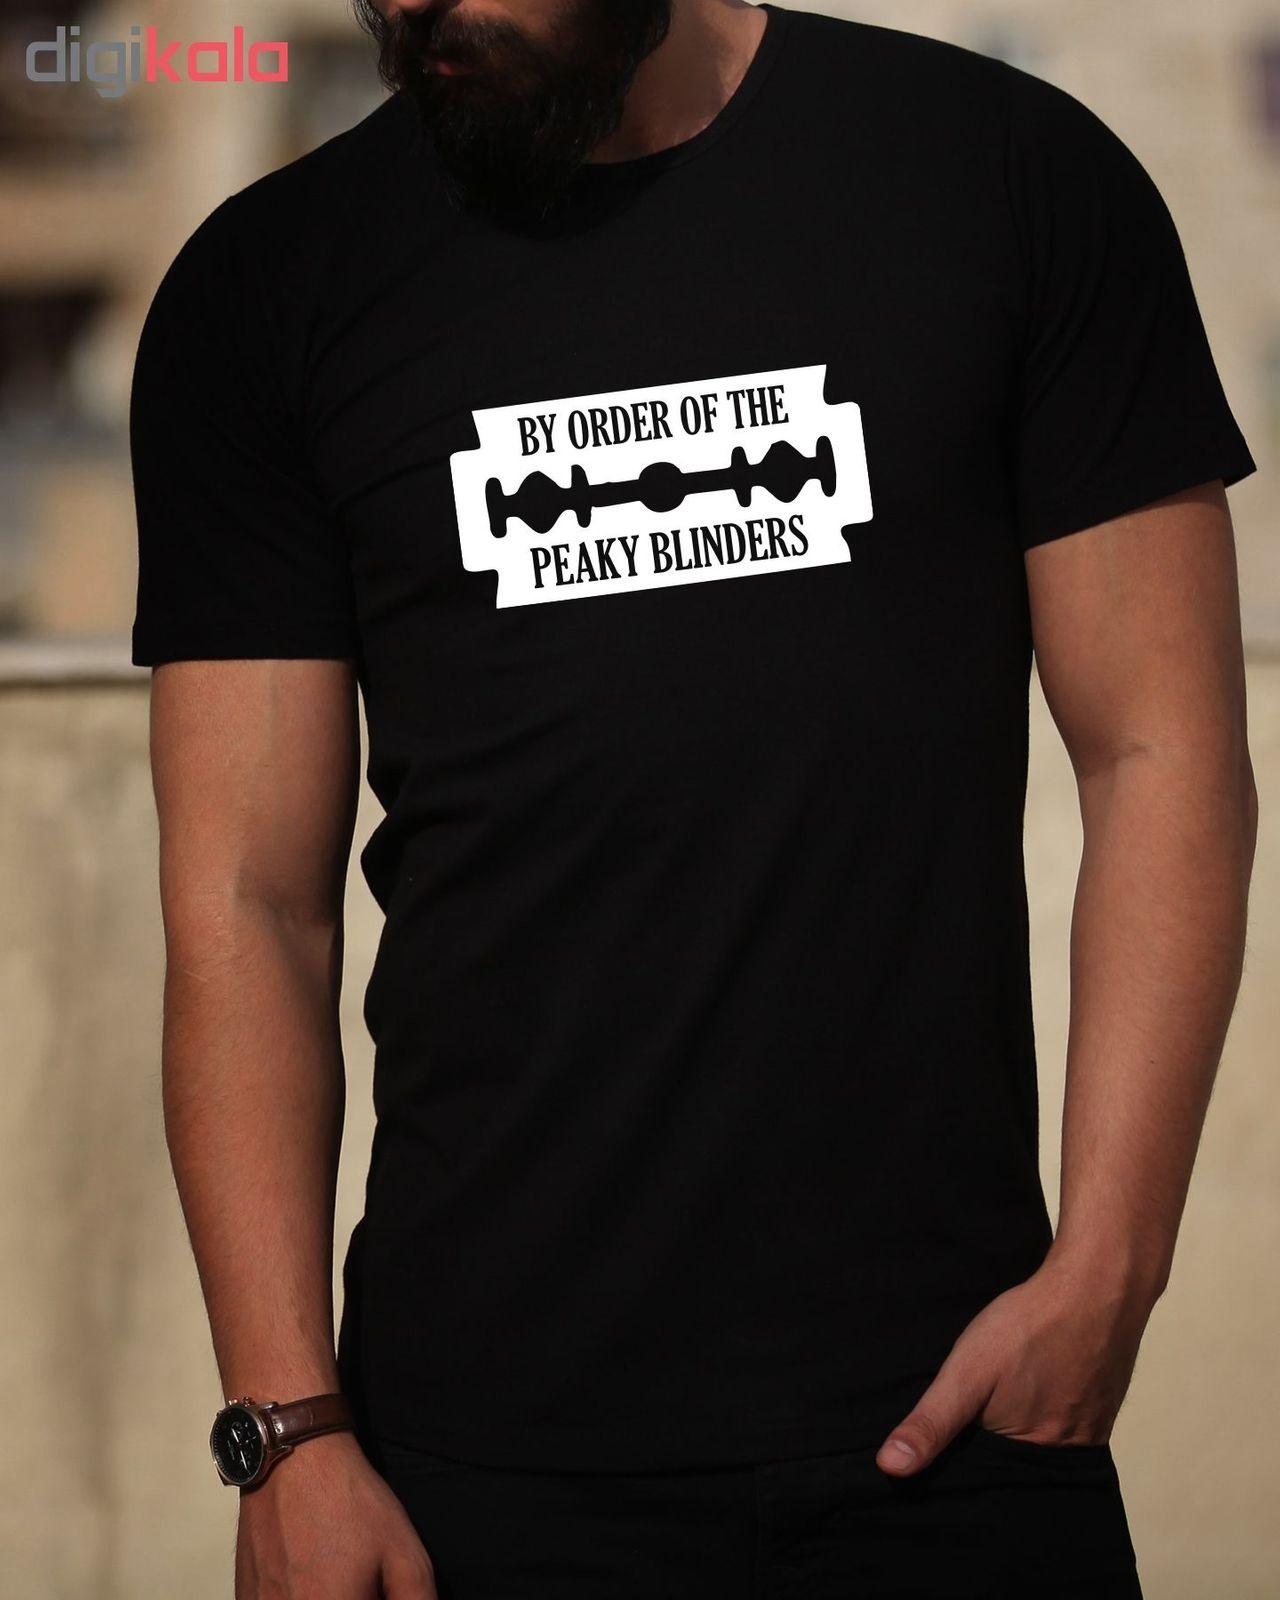 تی شرت مردانه طرح پیکی بلایندرز کد 34334 main 1 1